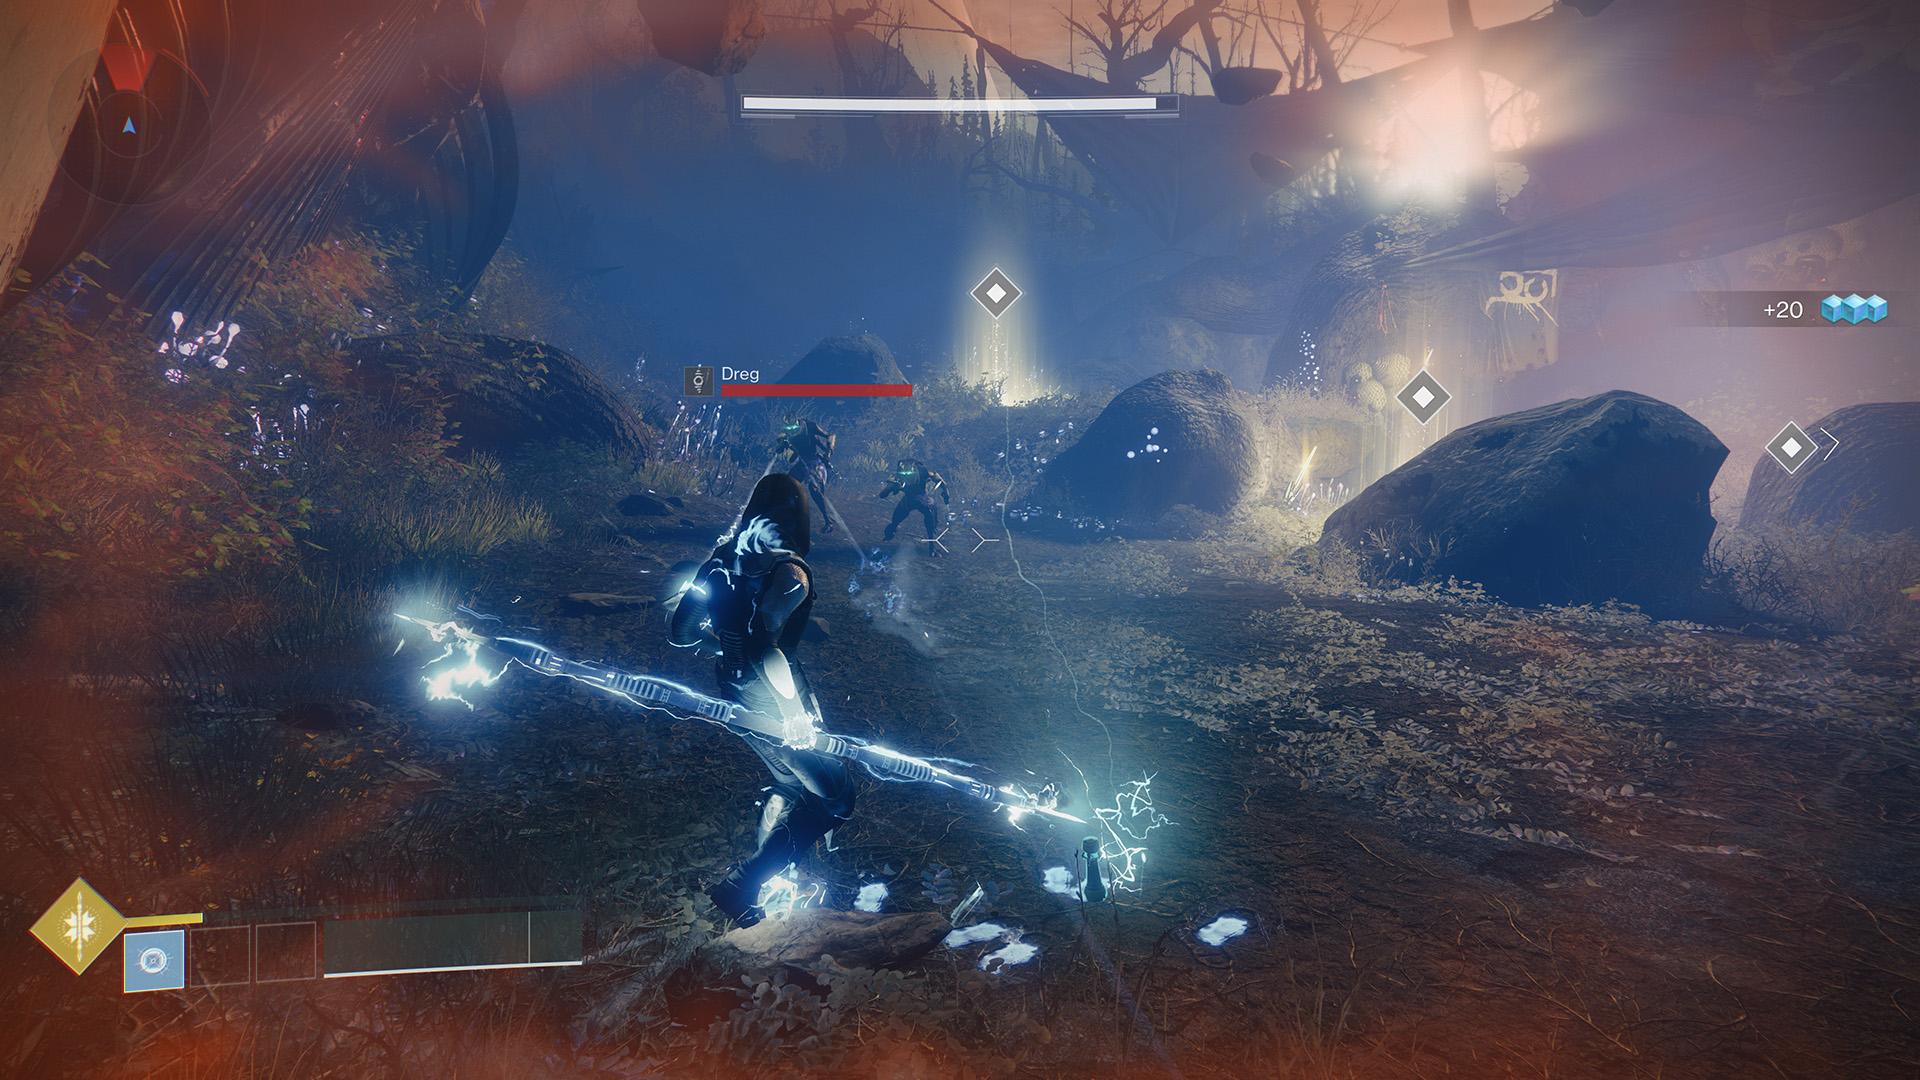 _0001_Destiny 2 Screenshot 2018.11.04 - 01.59.38.66.jpg